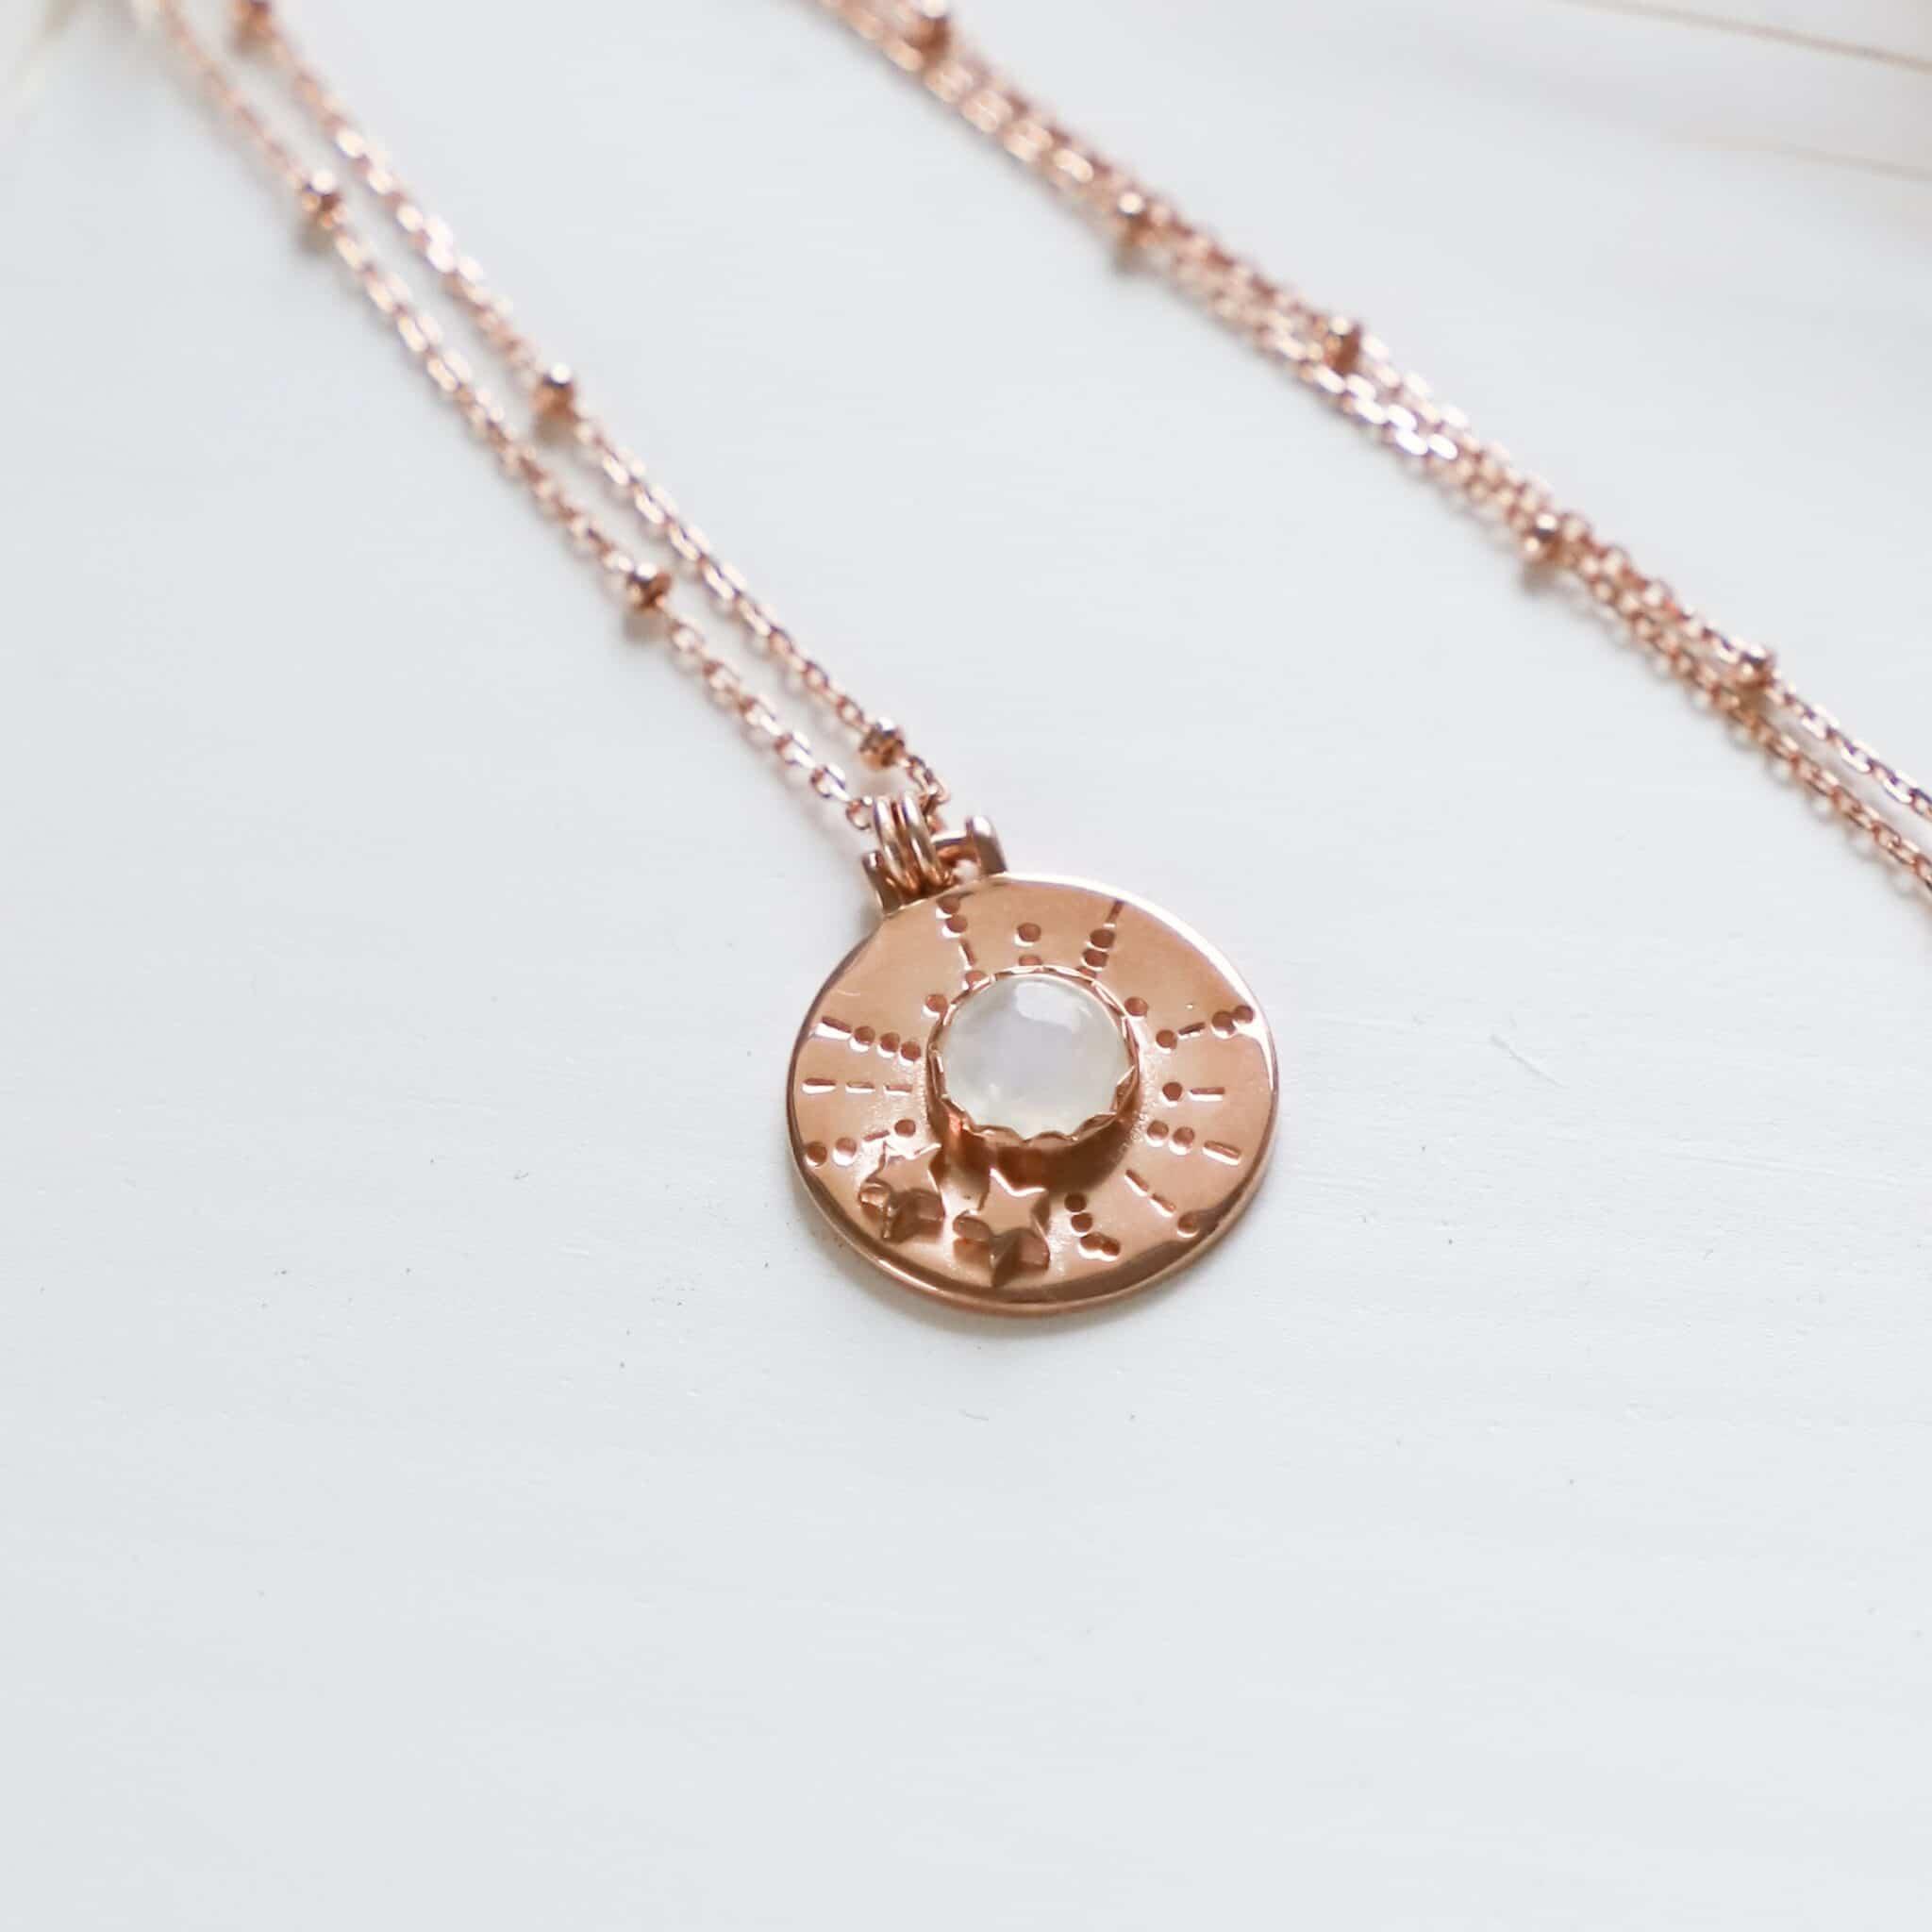 Asteria Rainbow Moonstone Necklace By Hidden Petals